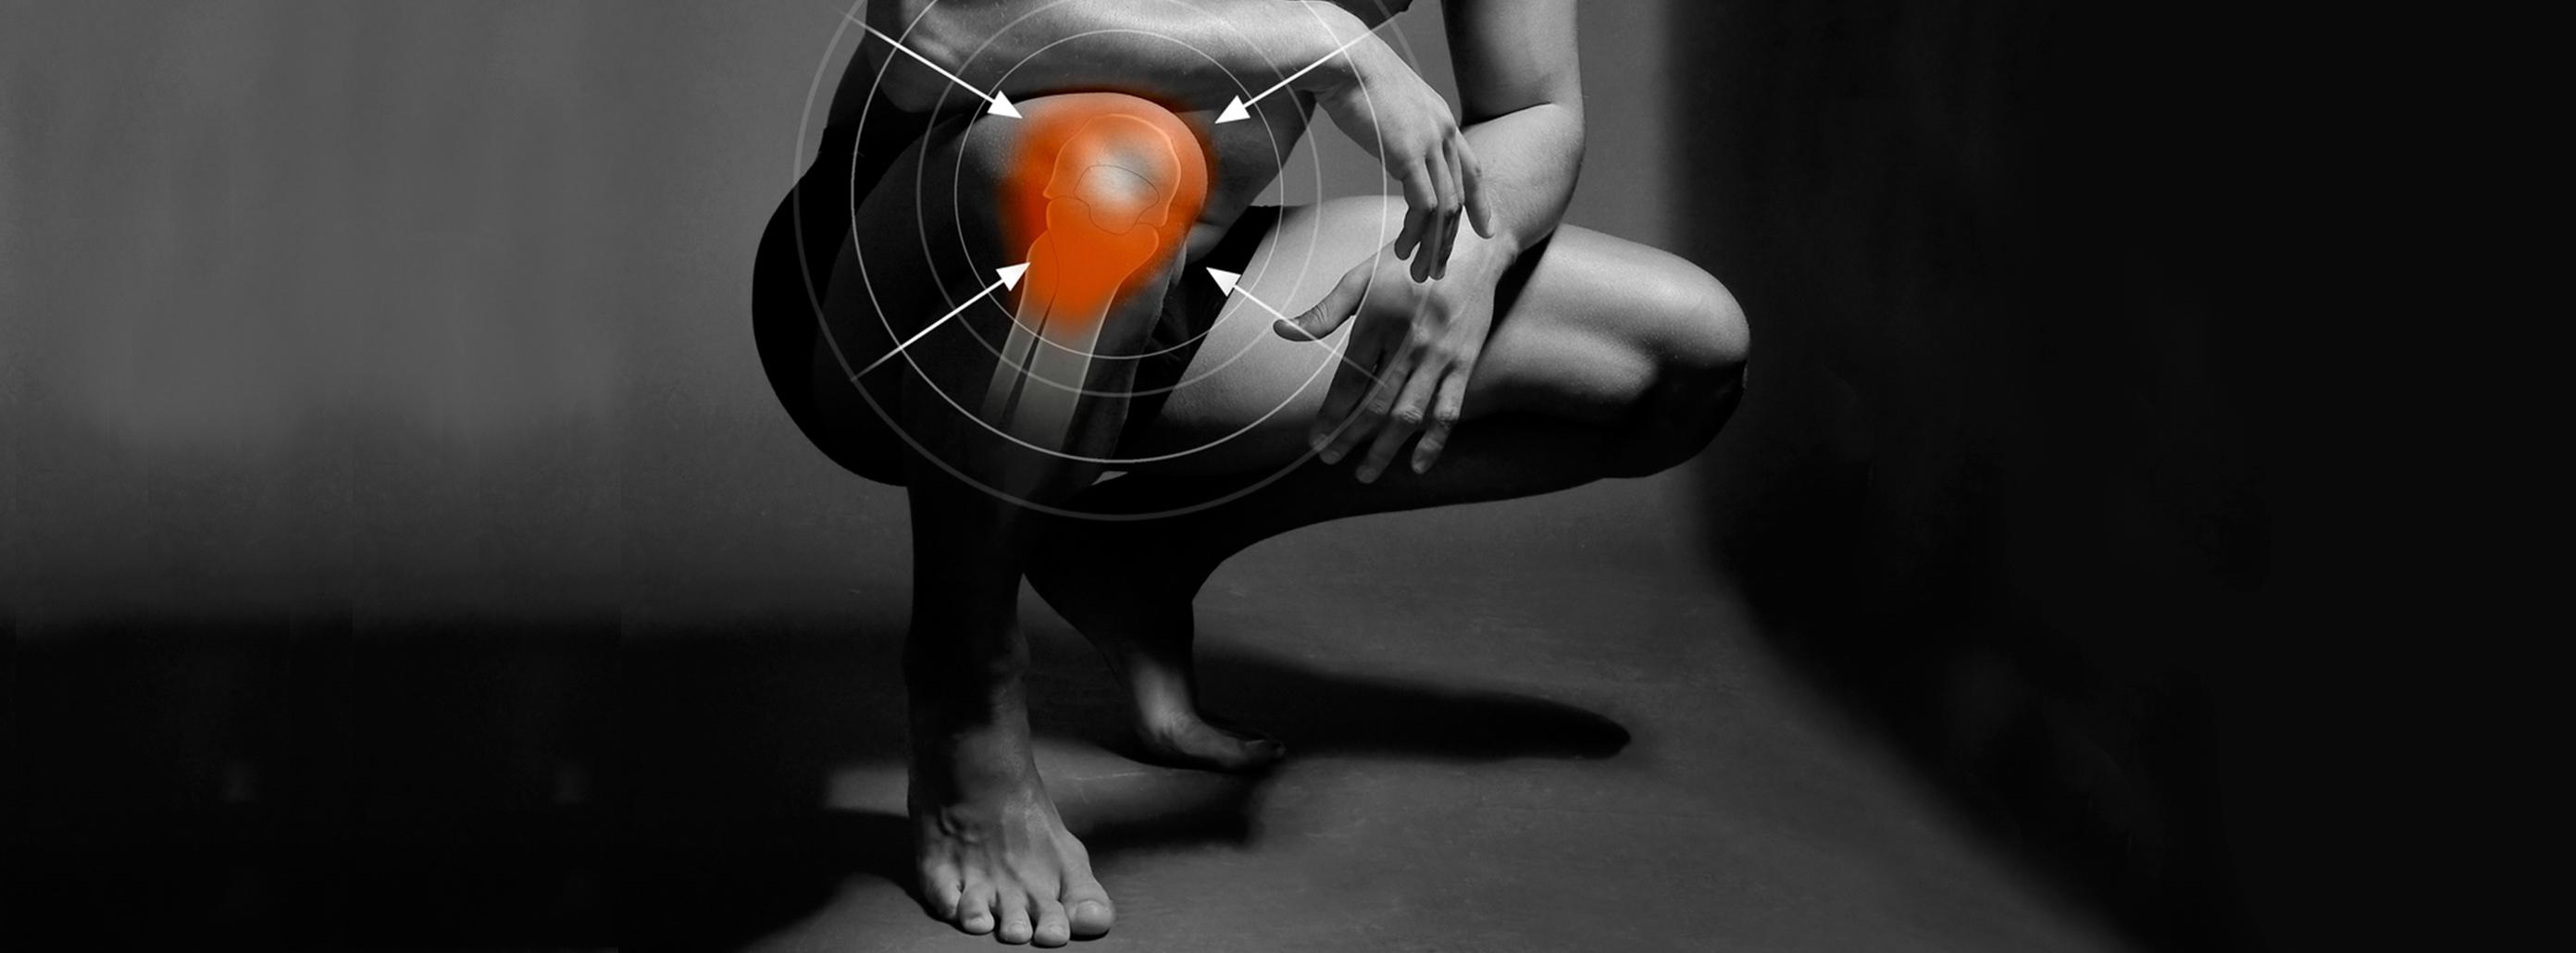 sąnarių skausmas ir žaliavinio maisto dietos skausmas alkūnės sąnario dešinėje gydymo namuose